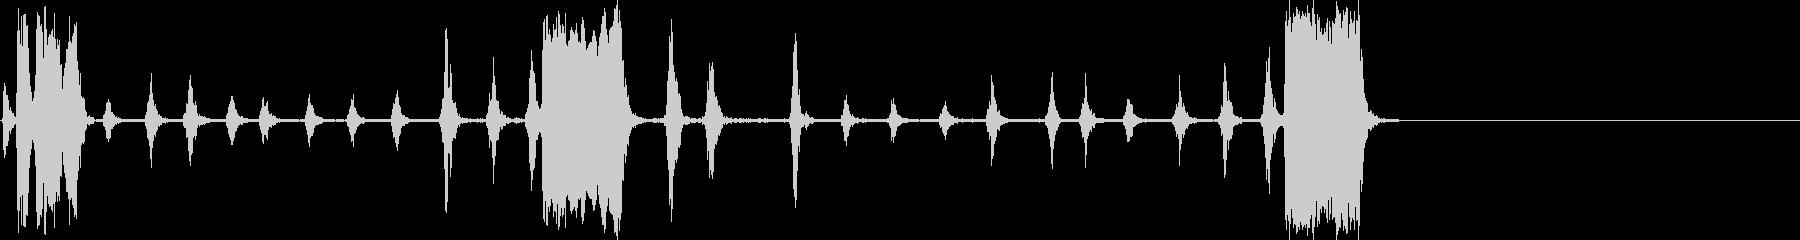 ガリーナ-ロック-パジャロの未再生の波形